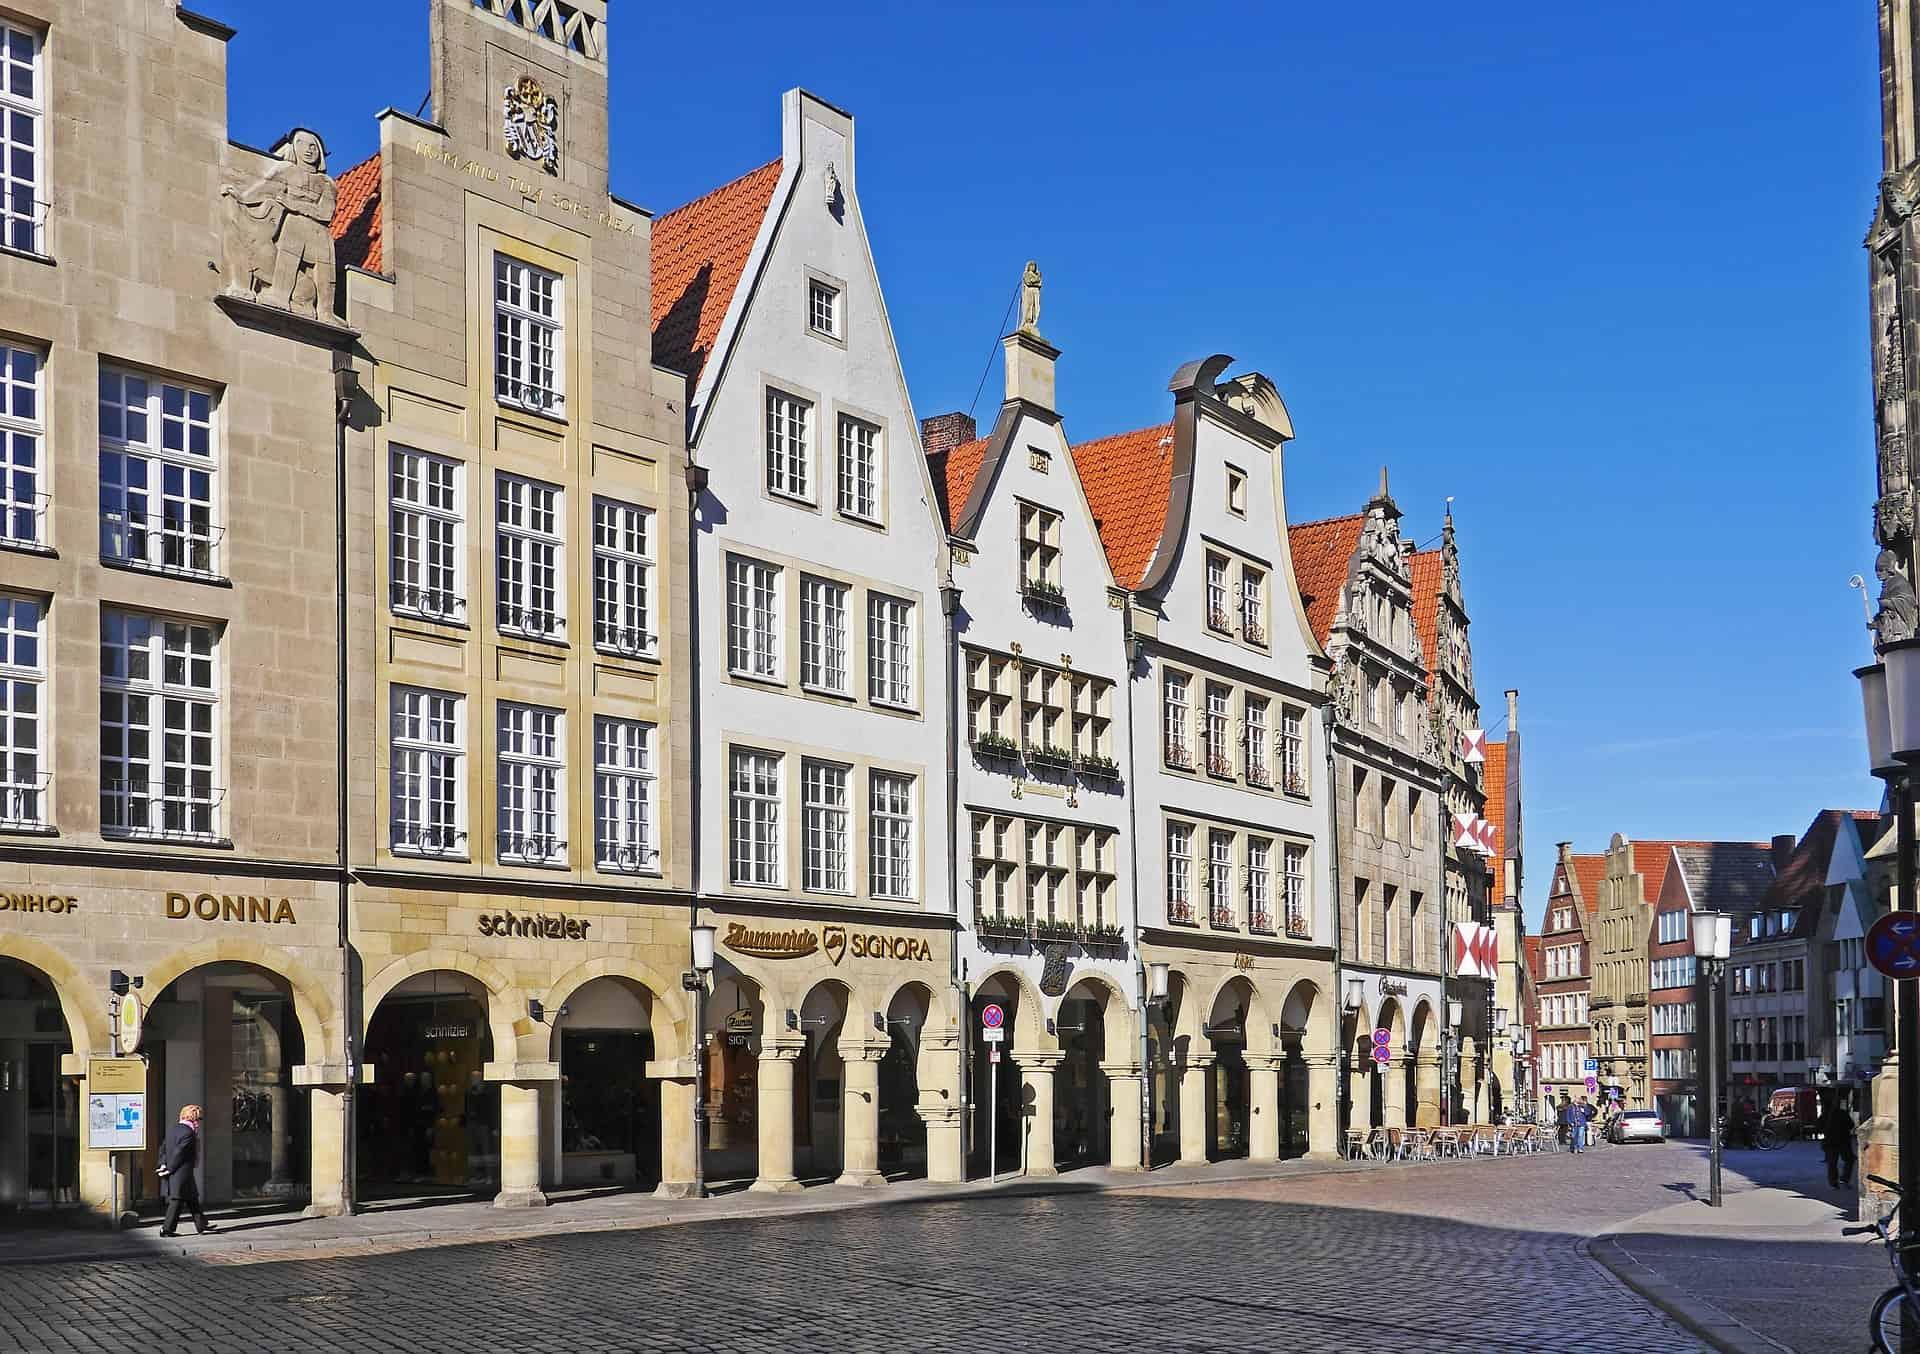 Vegane Städtereise nach Münster: vegan essen & fair shoppen